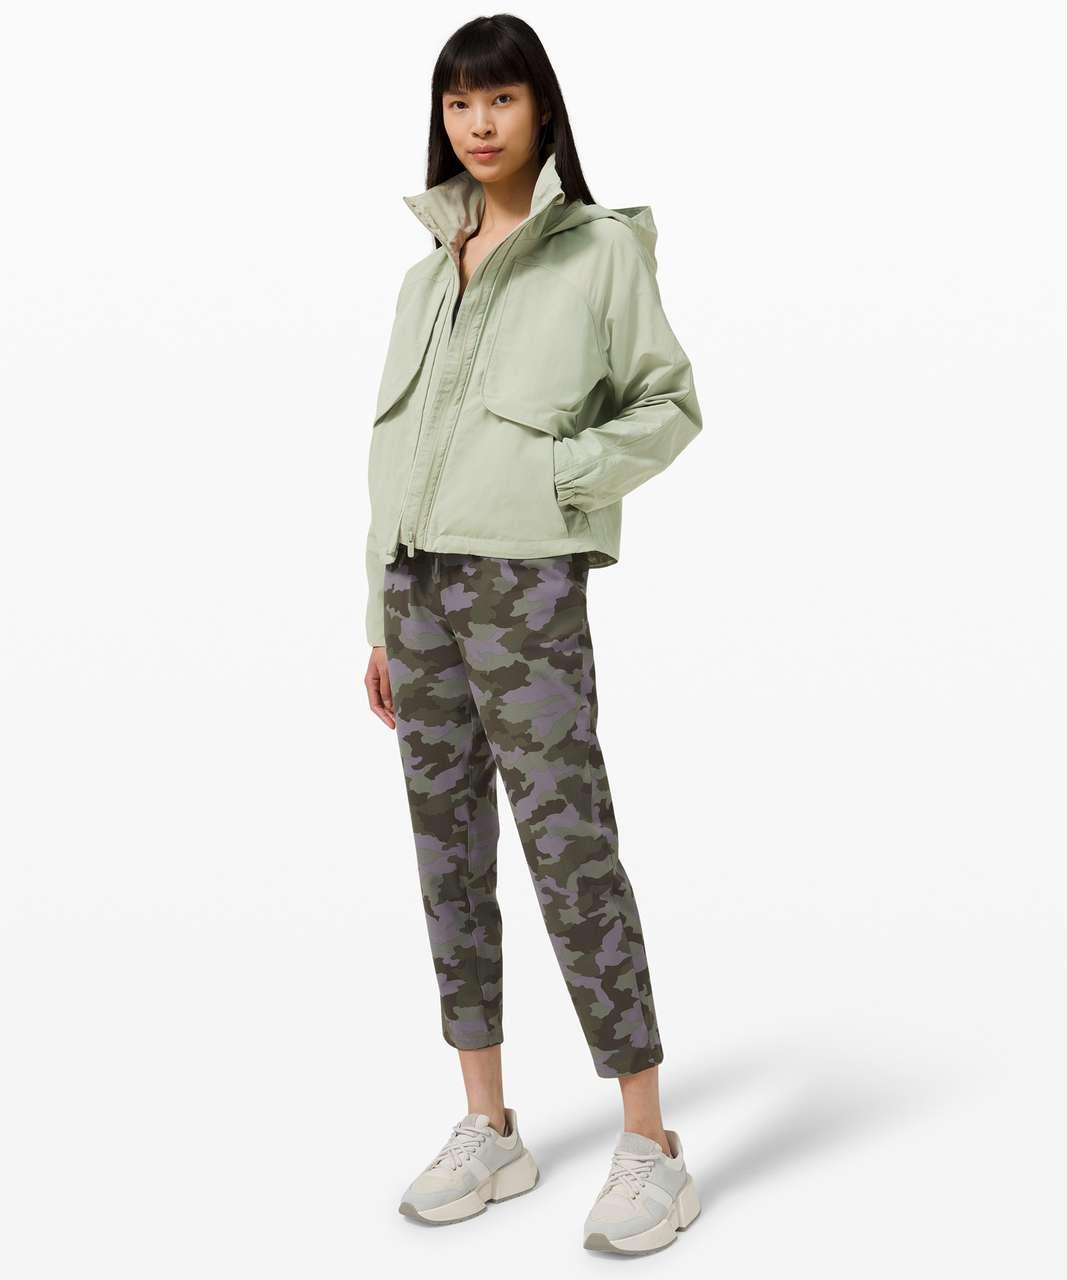 Lululemon Always Effortless Jacket - Green Fern